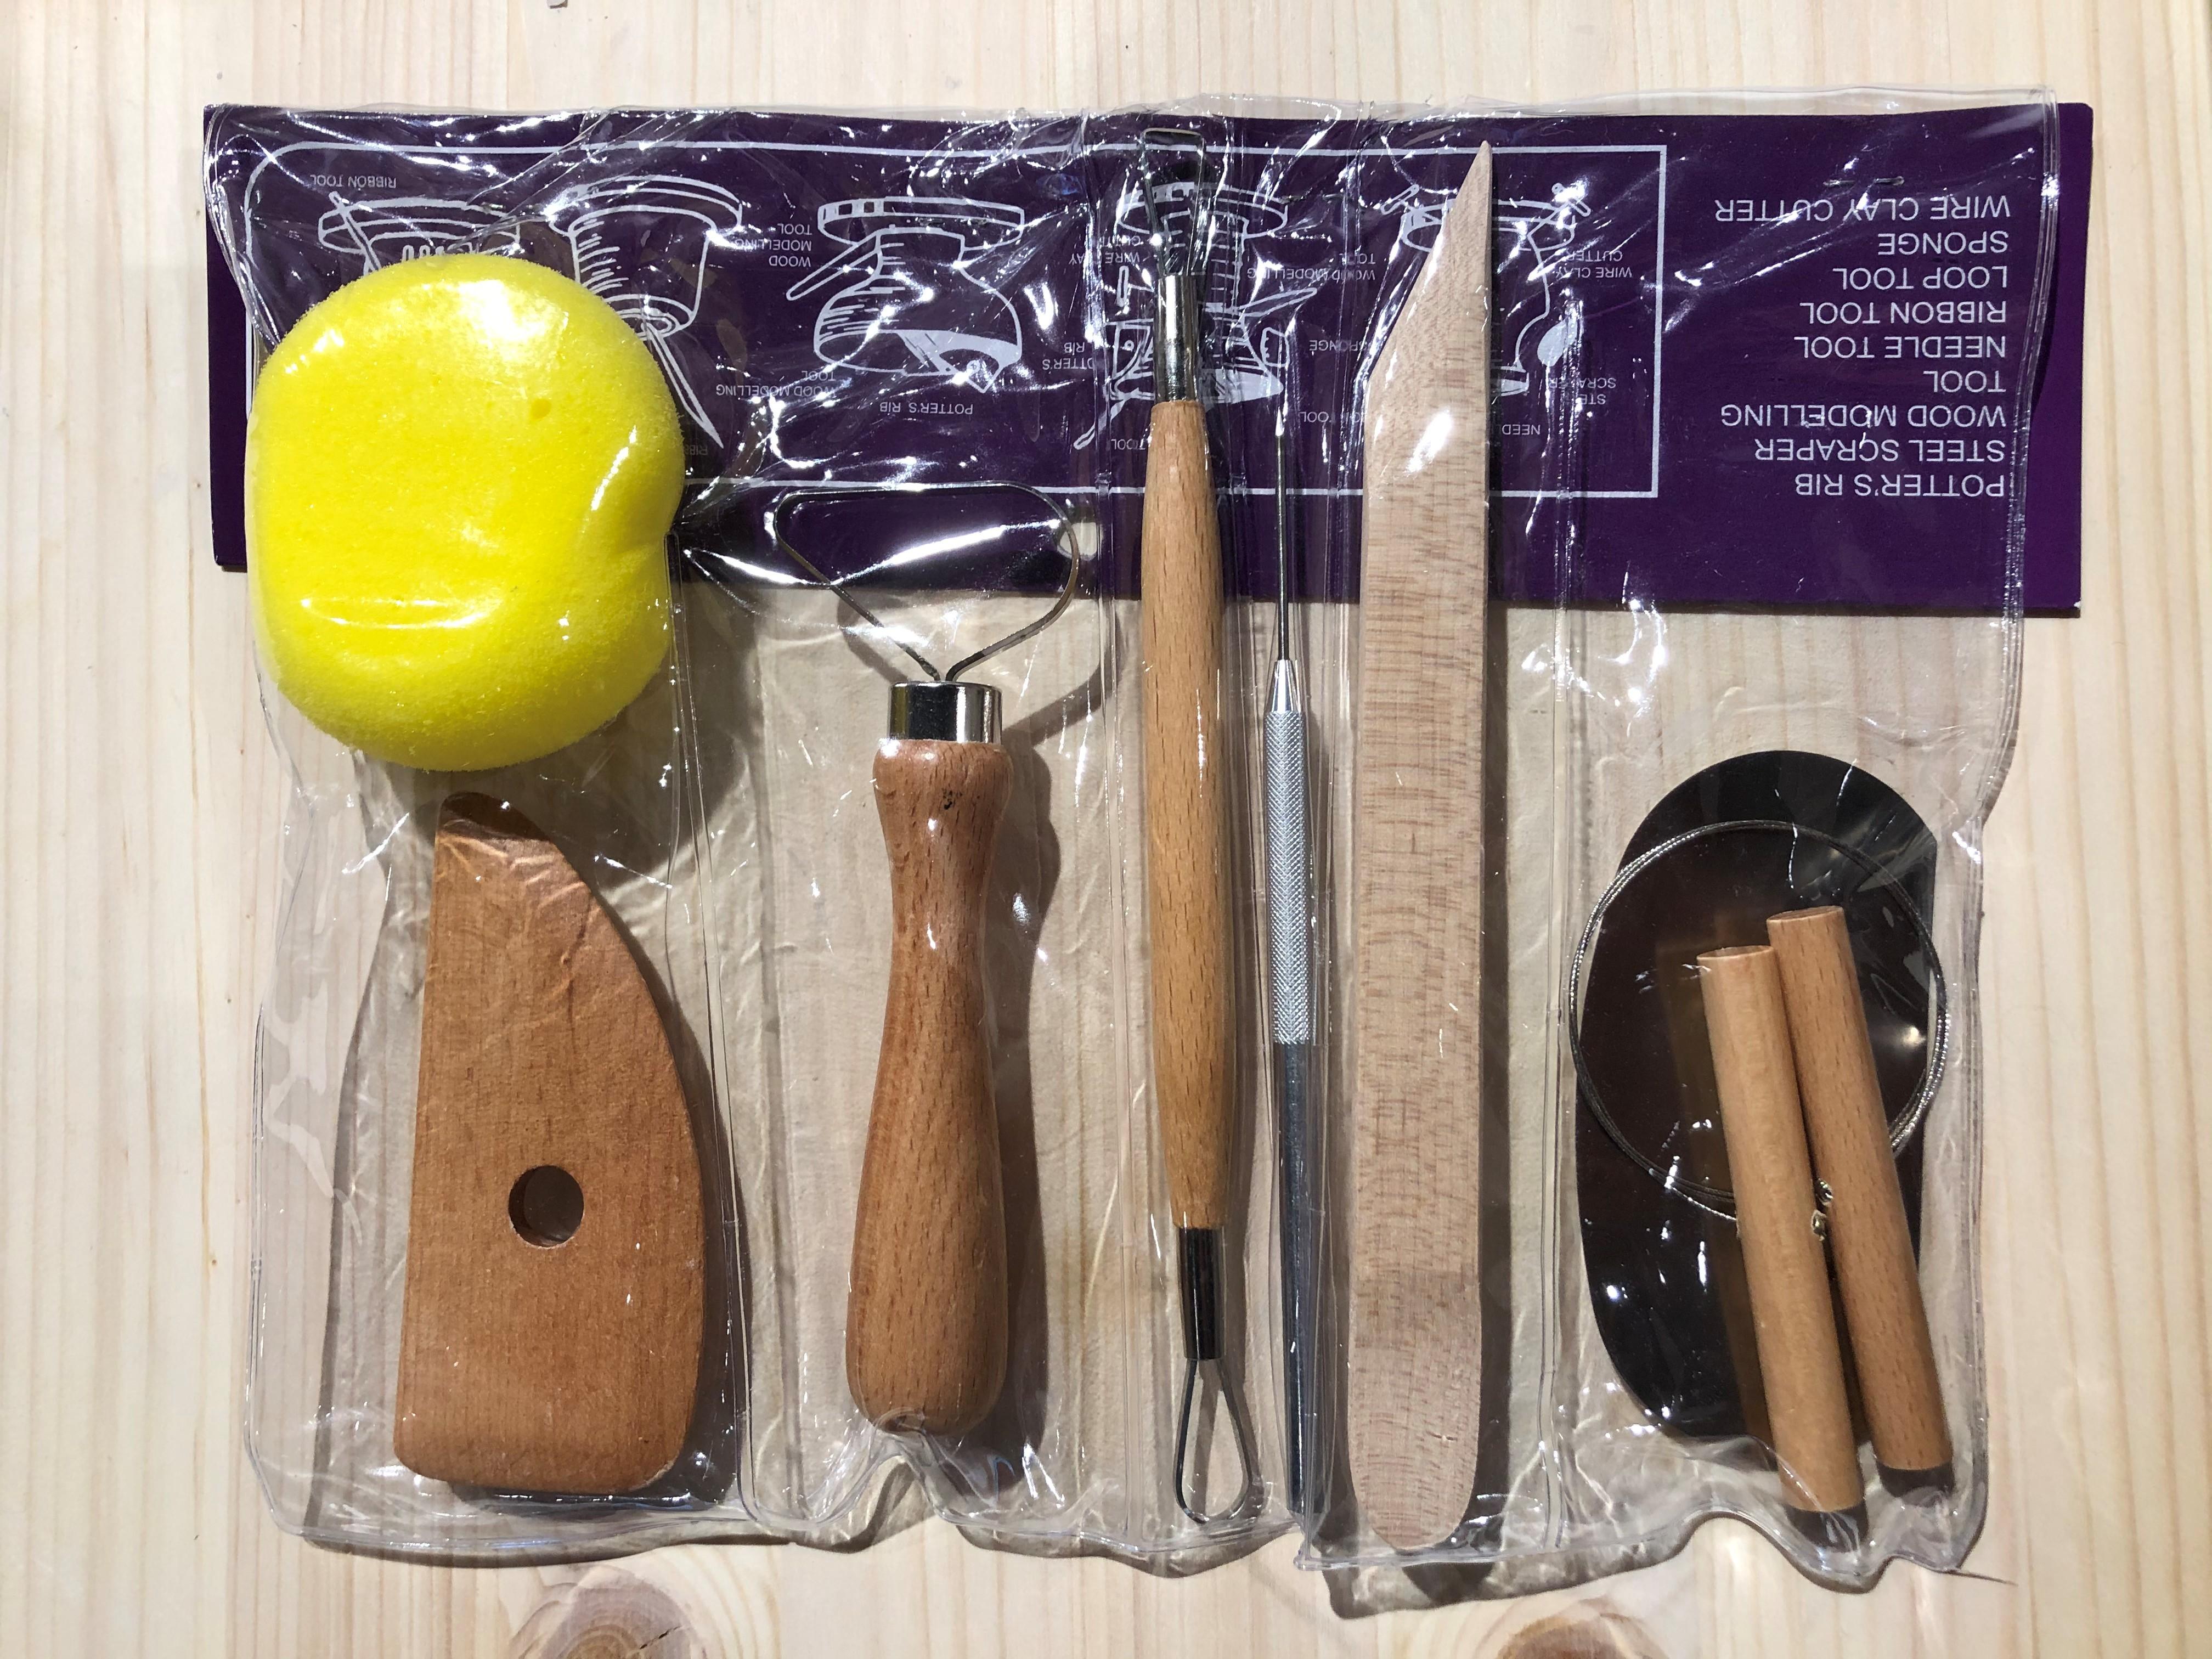 Værktøjssæt til ler